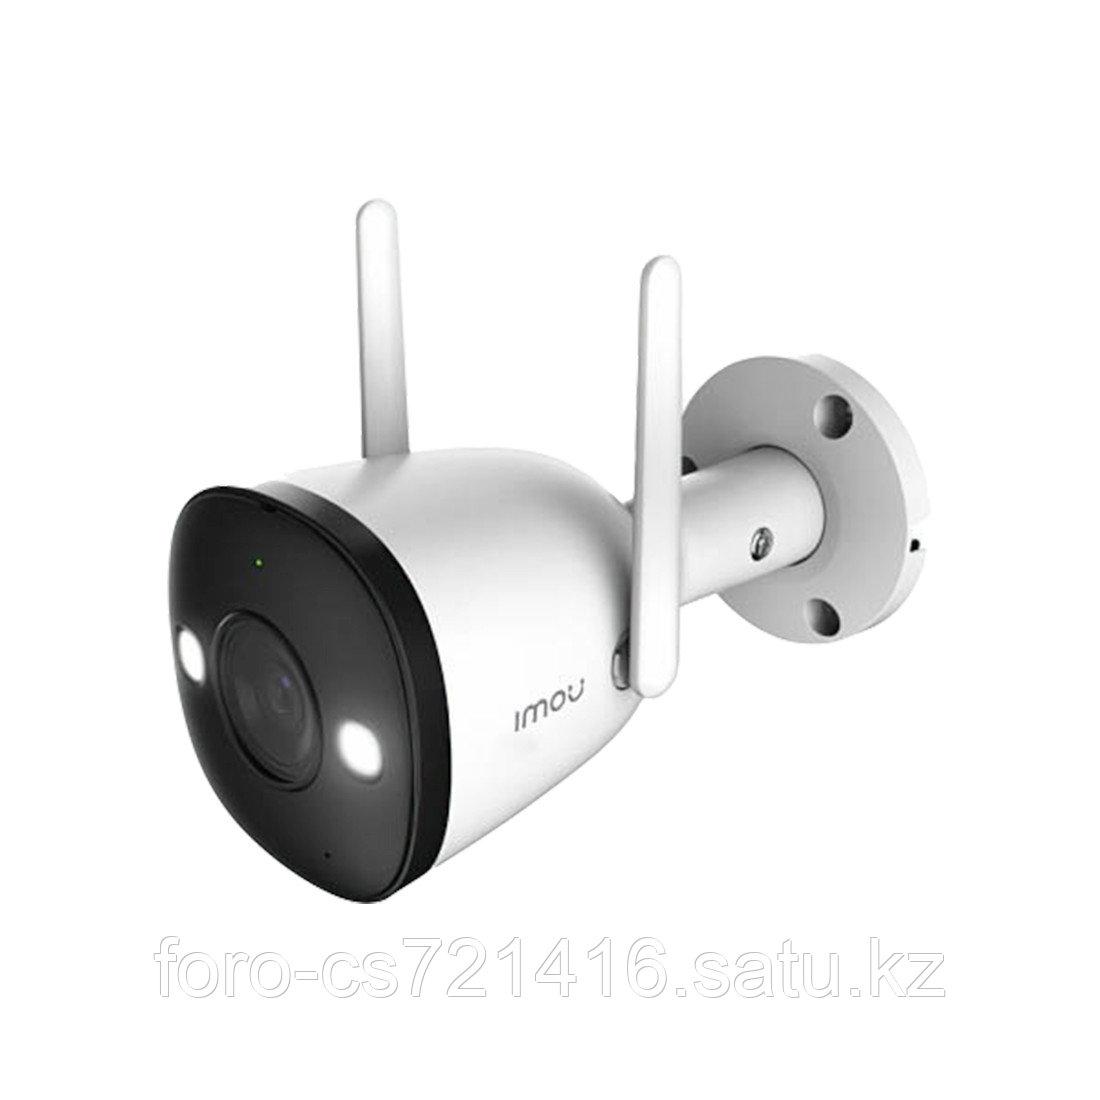 Wi-Fi видеокамера Imou Bullet 2E-0360B